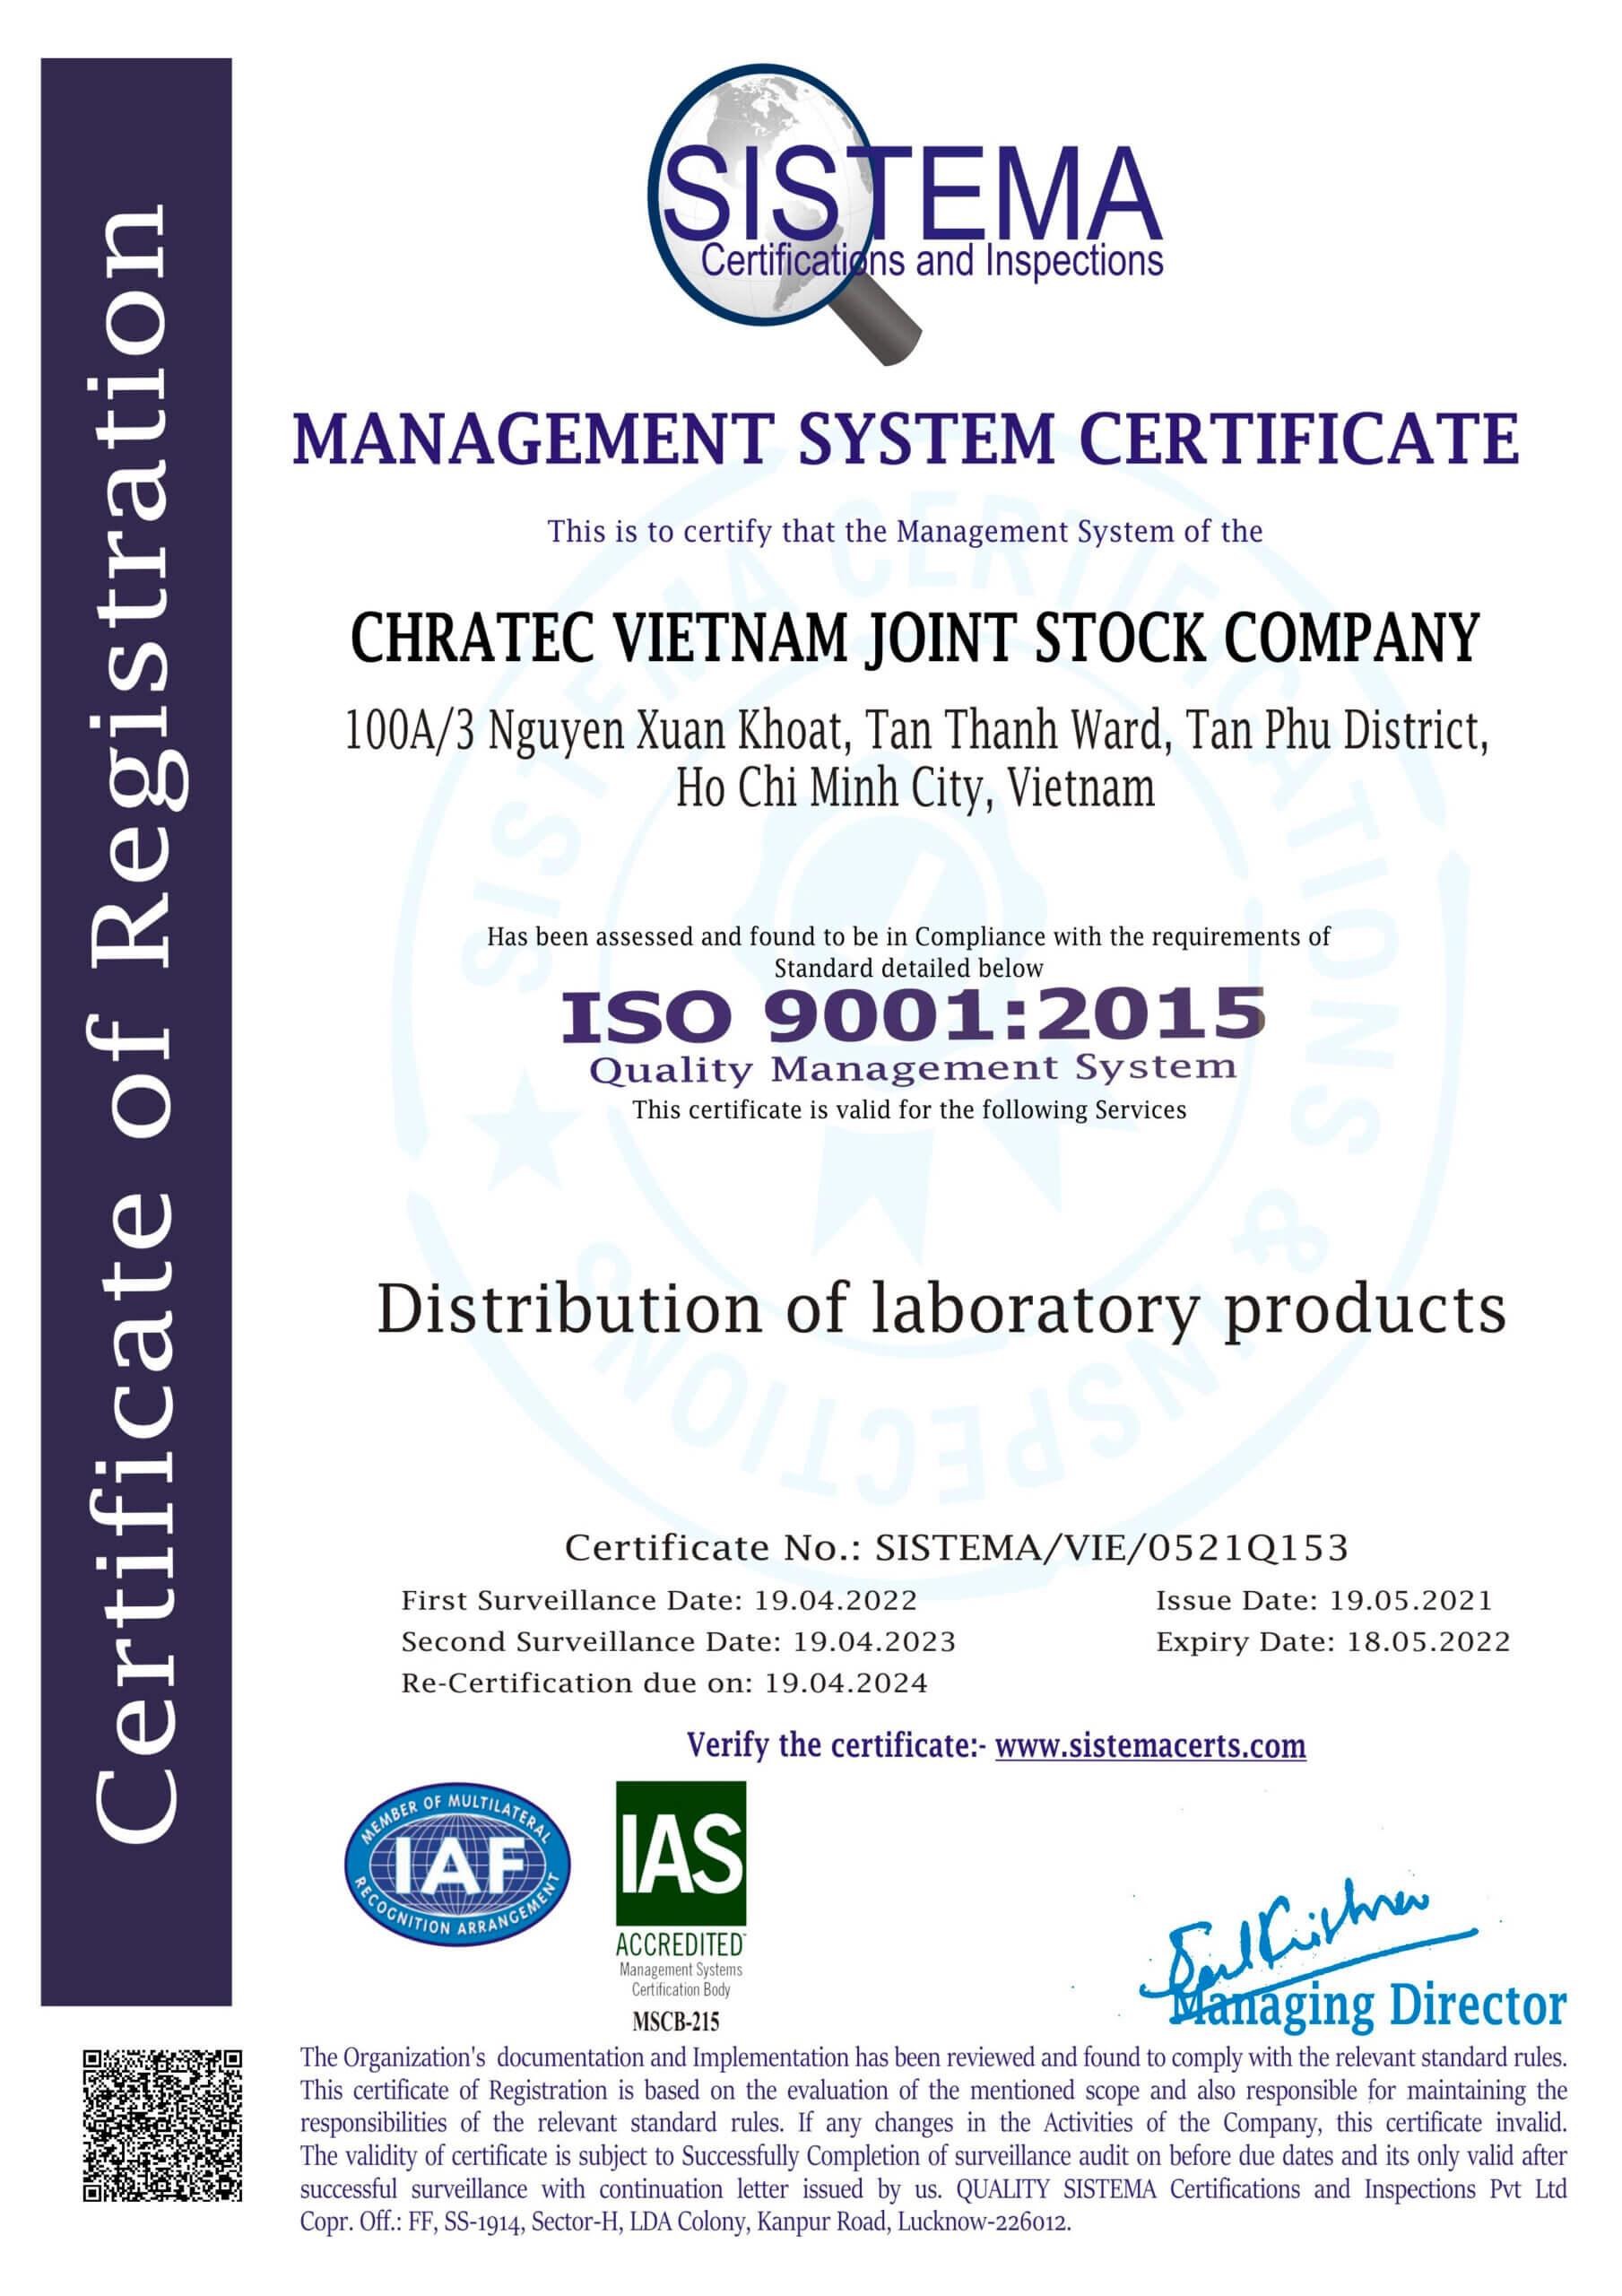 CÔNG TY CỔ PHẦN CHRATEC VIỆT NAM đạt giấy chứng nhận ISO 9001:2015